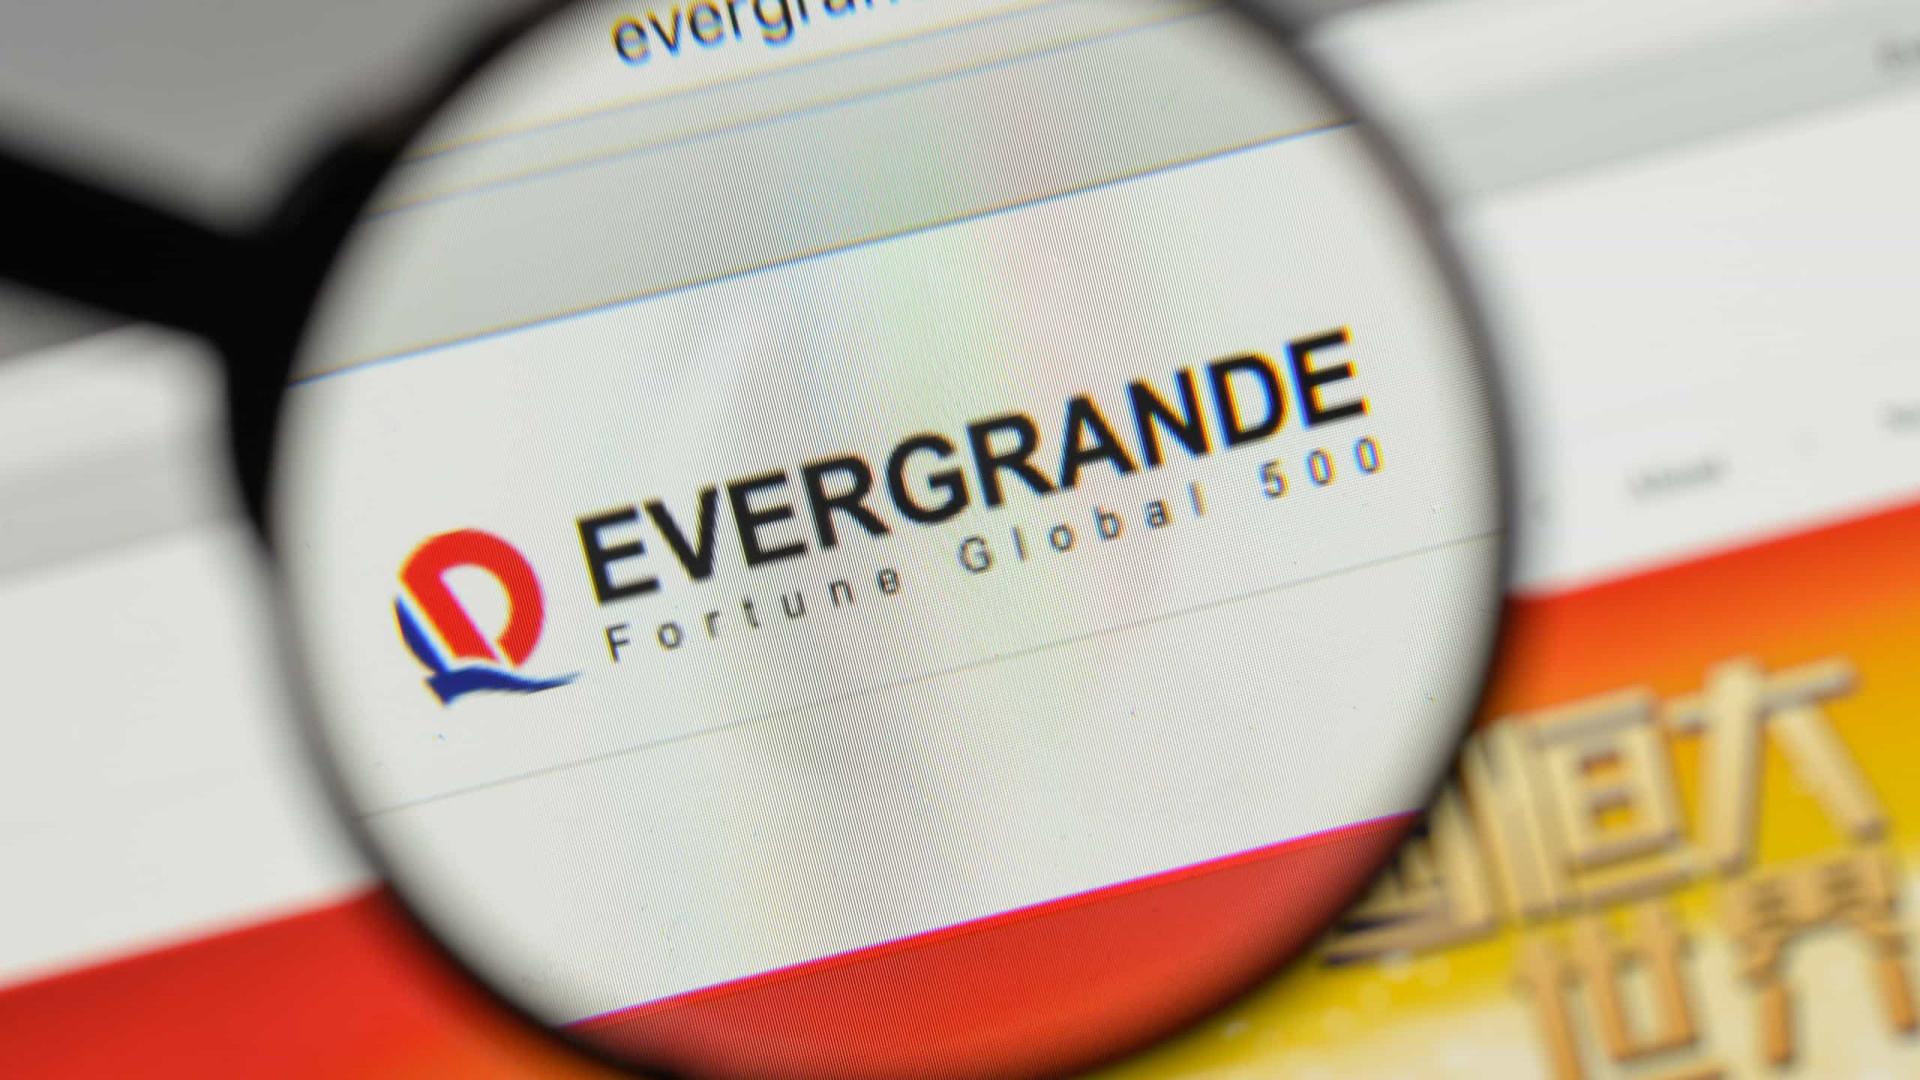 Risco de calote da chinesa Evergrande derruba Bolsas pelo mundo; entenda